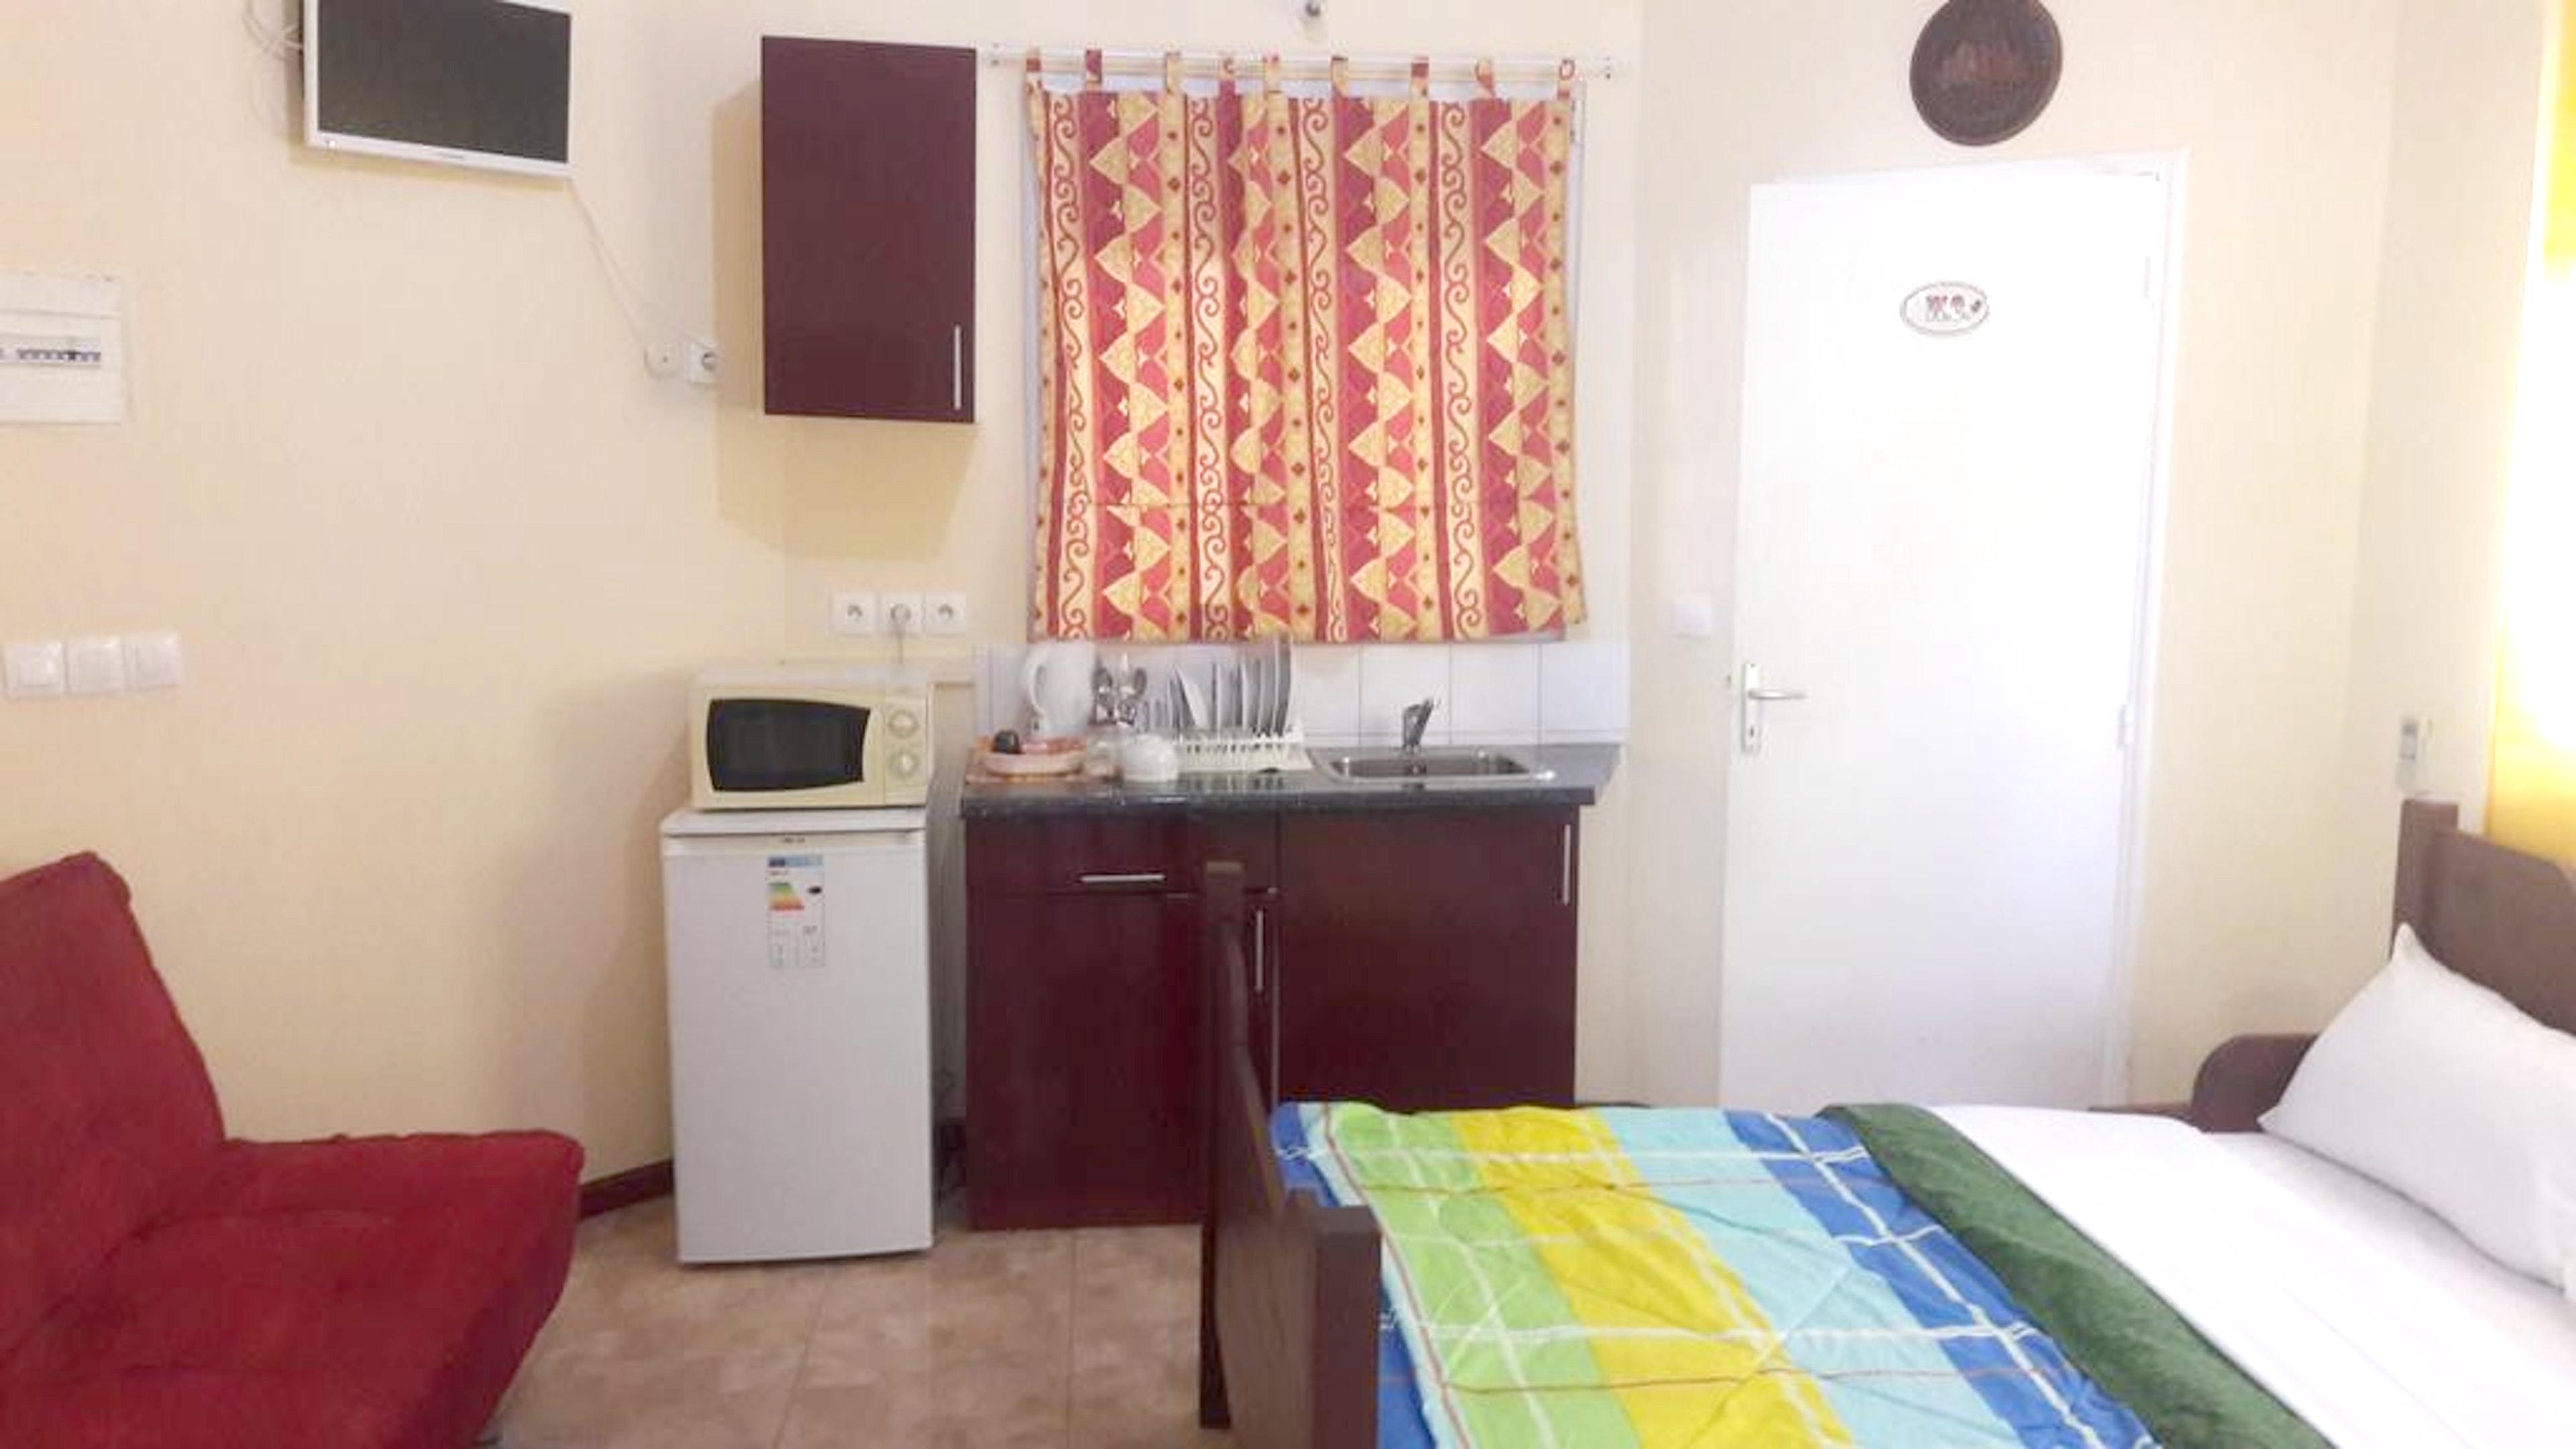 Studio in Le Gosier mit Pool und möblierter T Ferienwohnung in Guadeloupe